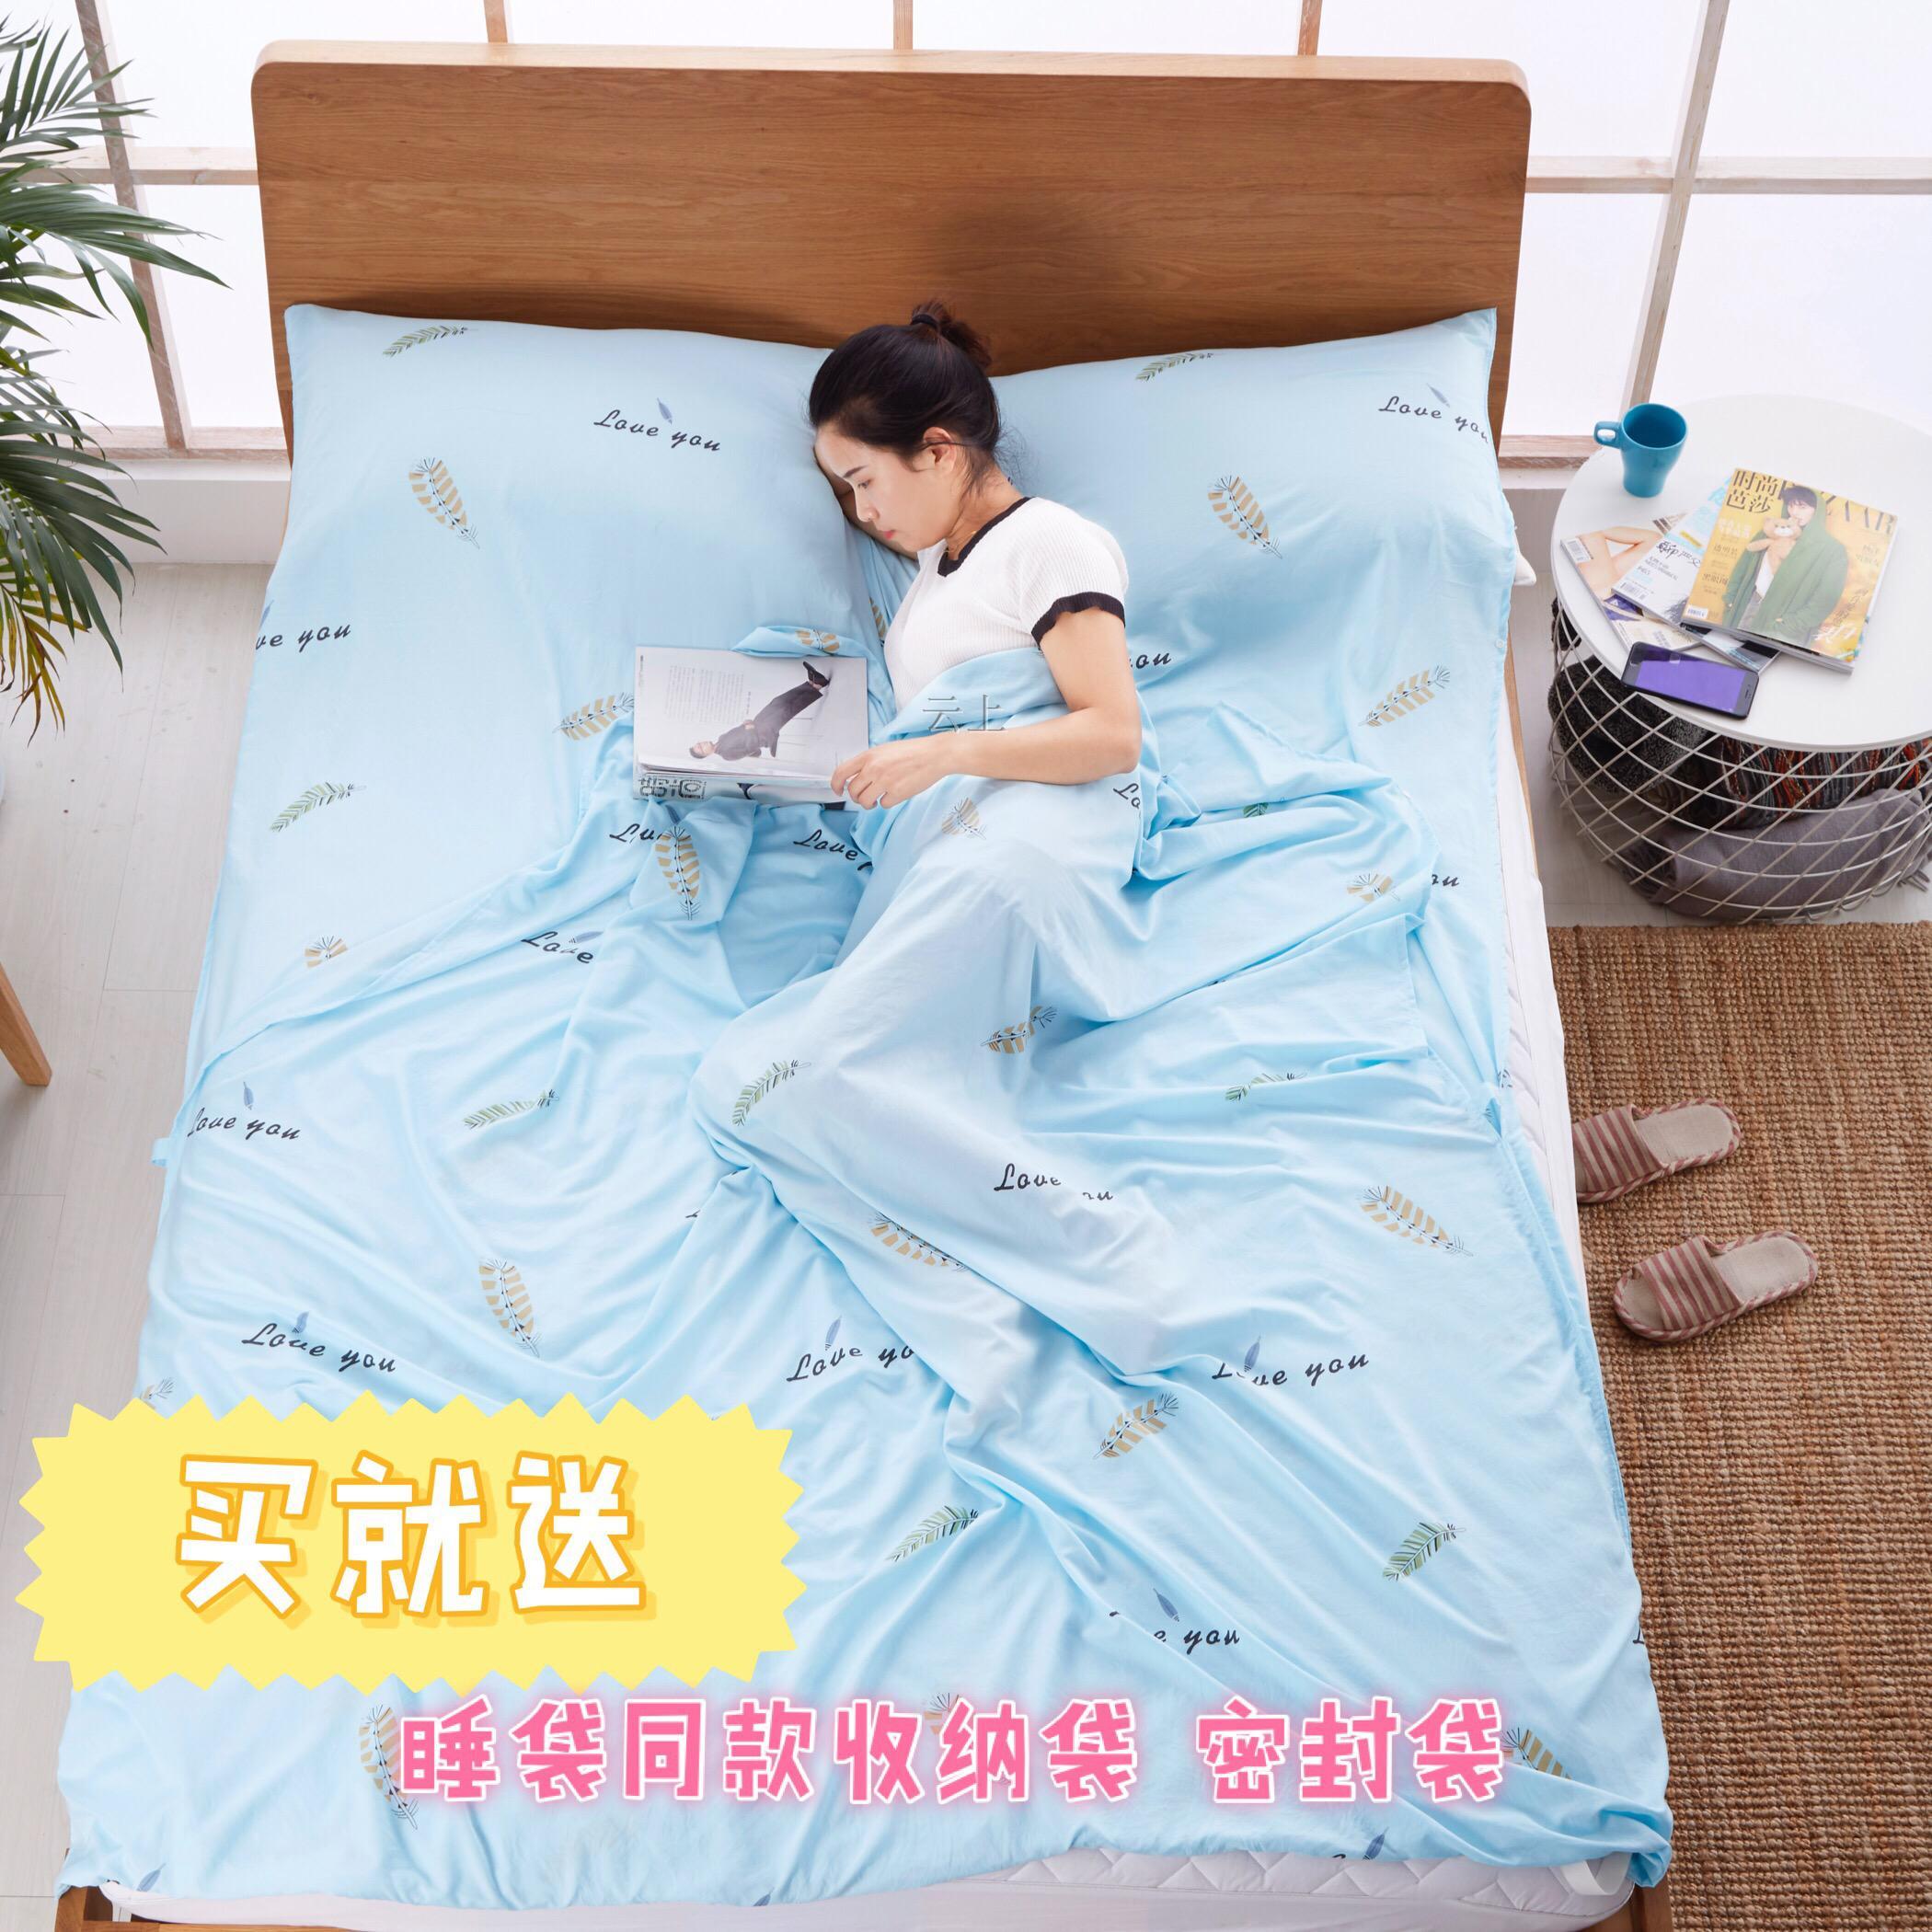 Мойка хлопок модель грязный спальный мешок гость дом отели на открытом воздухе путешествие путешествие из разница поезд портативный противо грязный двуспальная кровать один